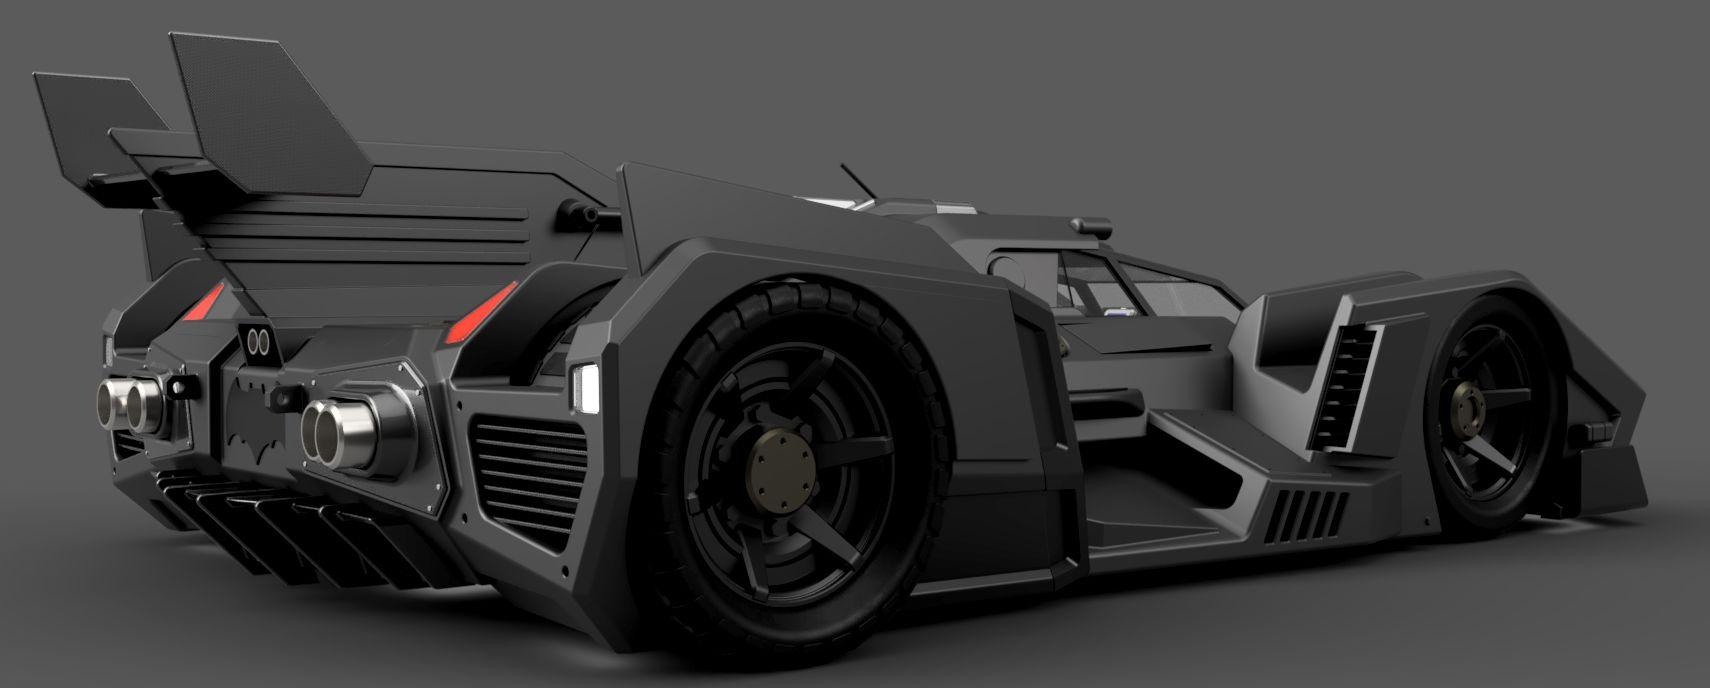 Bat-7-3500-3500